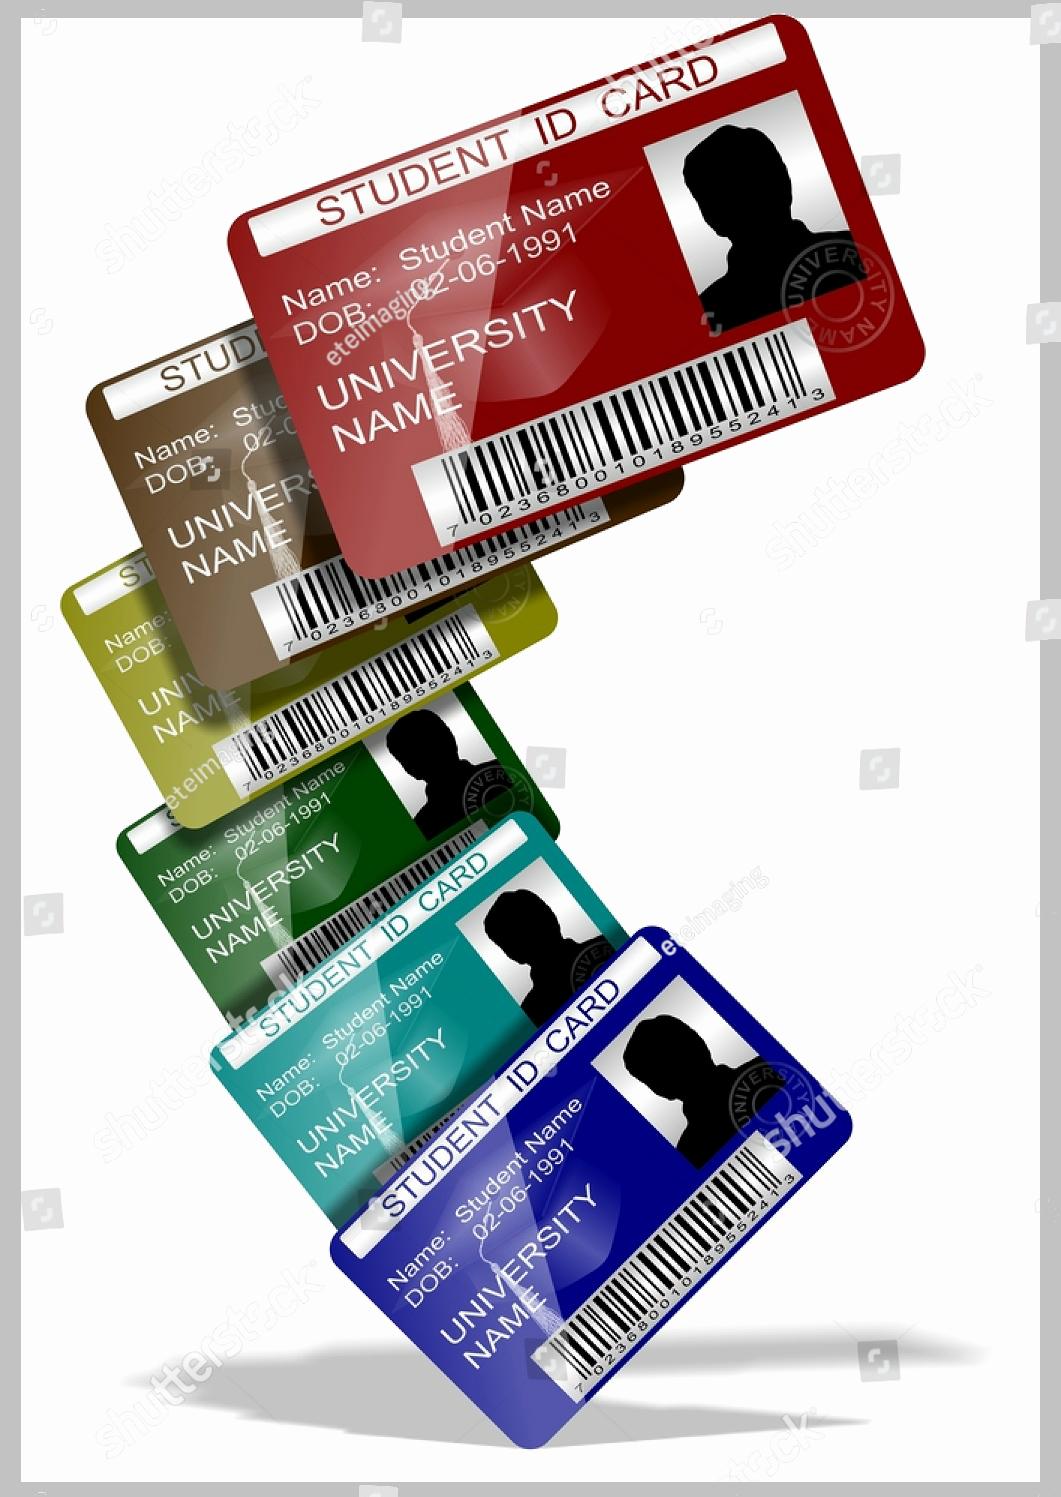 Student Id Card Template Fresh 10 Student Card Templates Editable Psd Ai Vector Eps